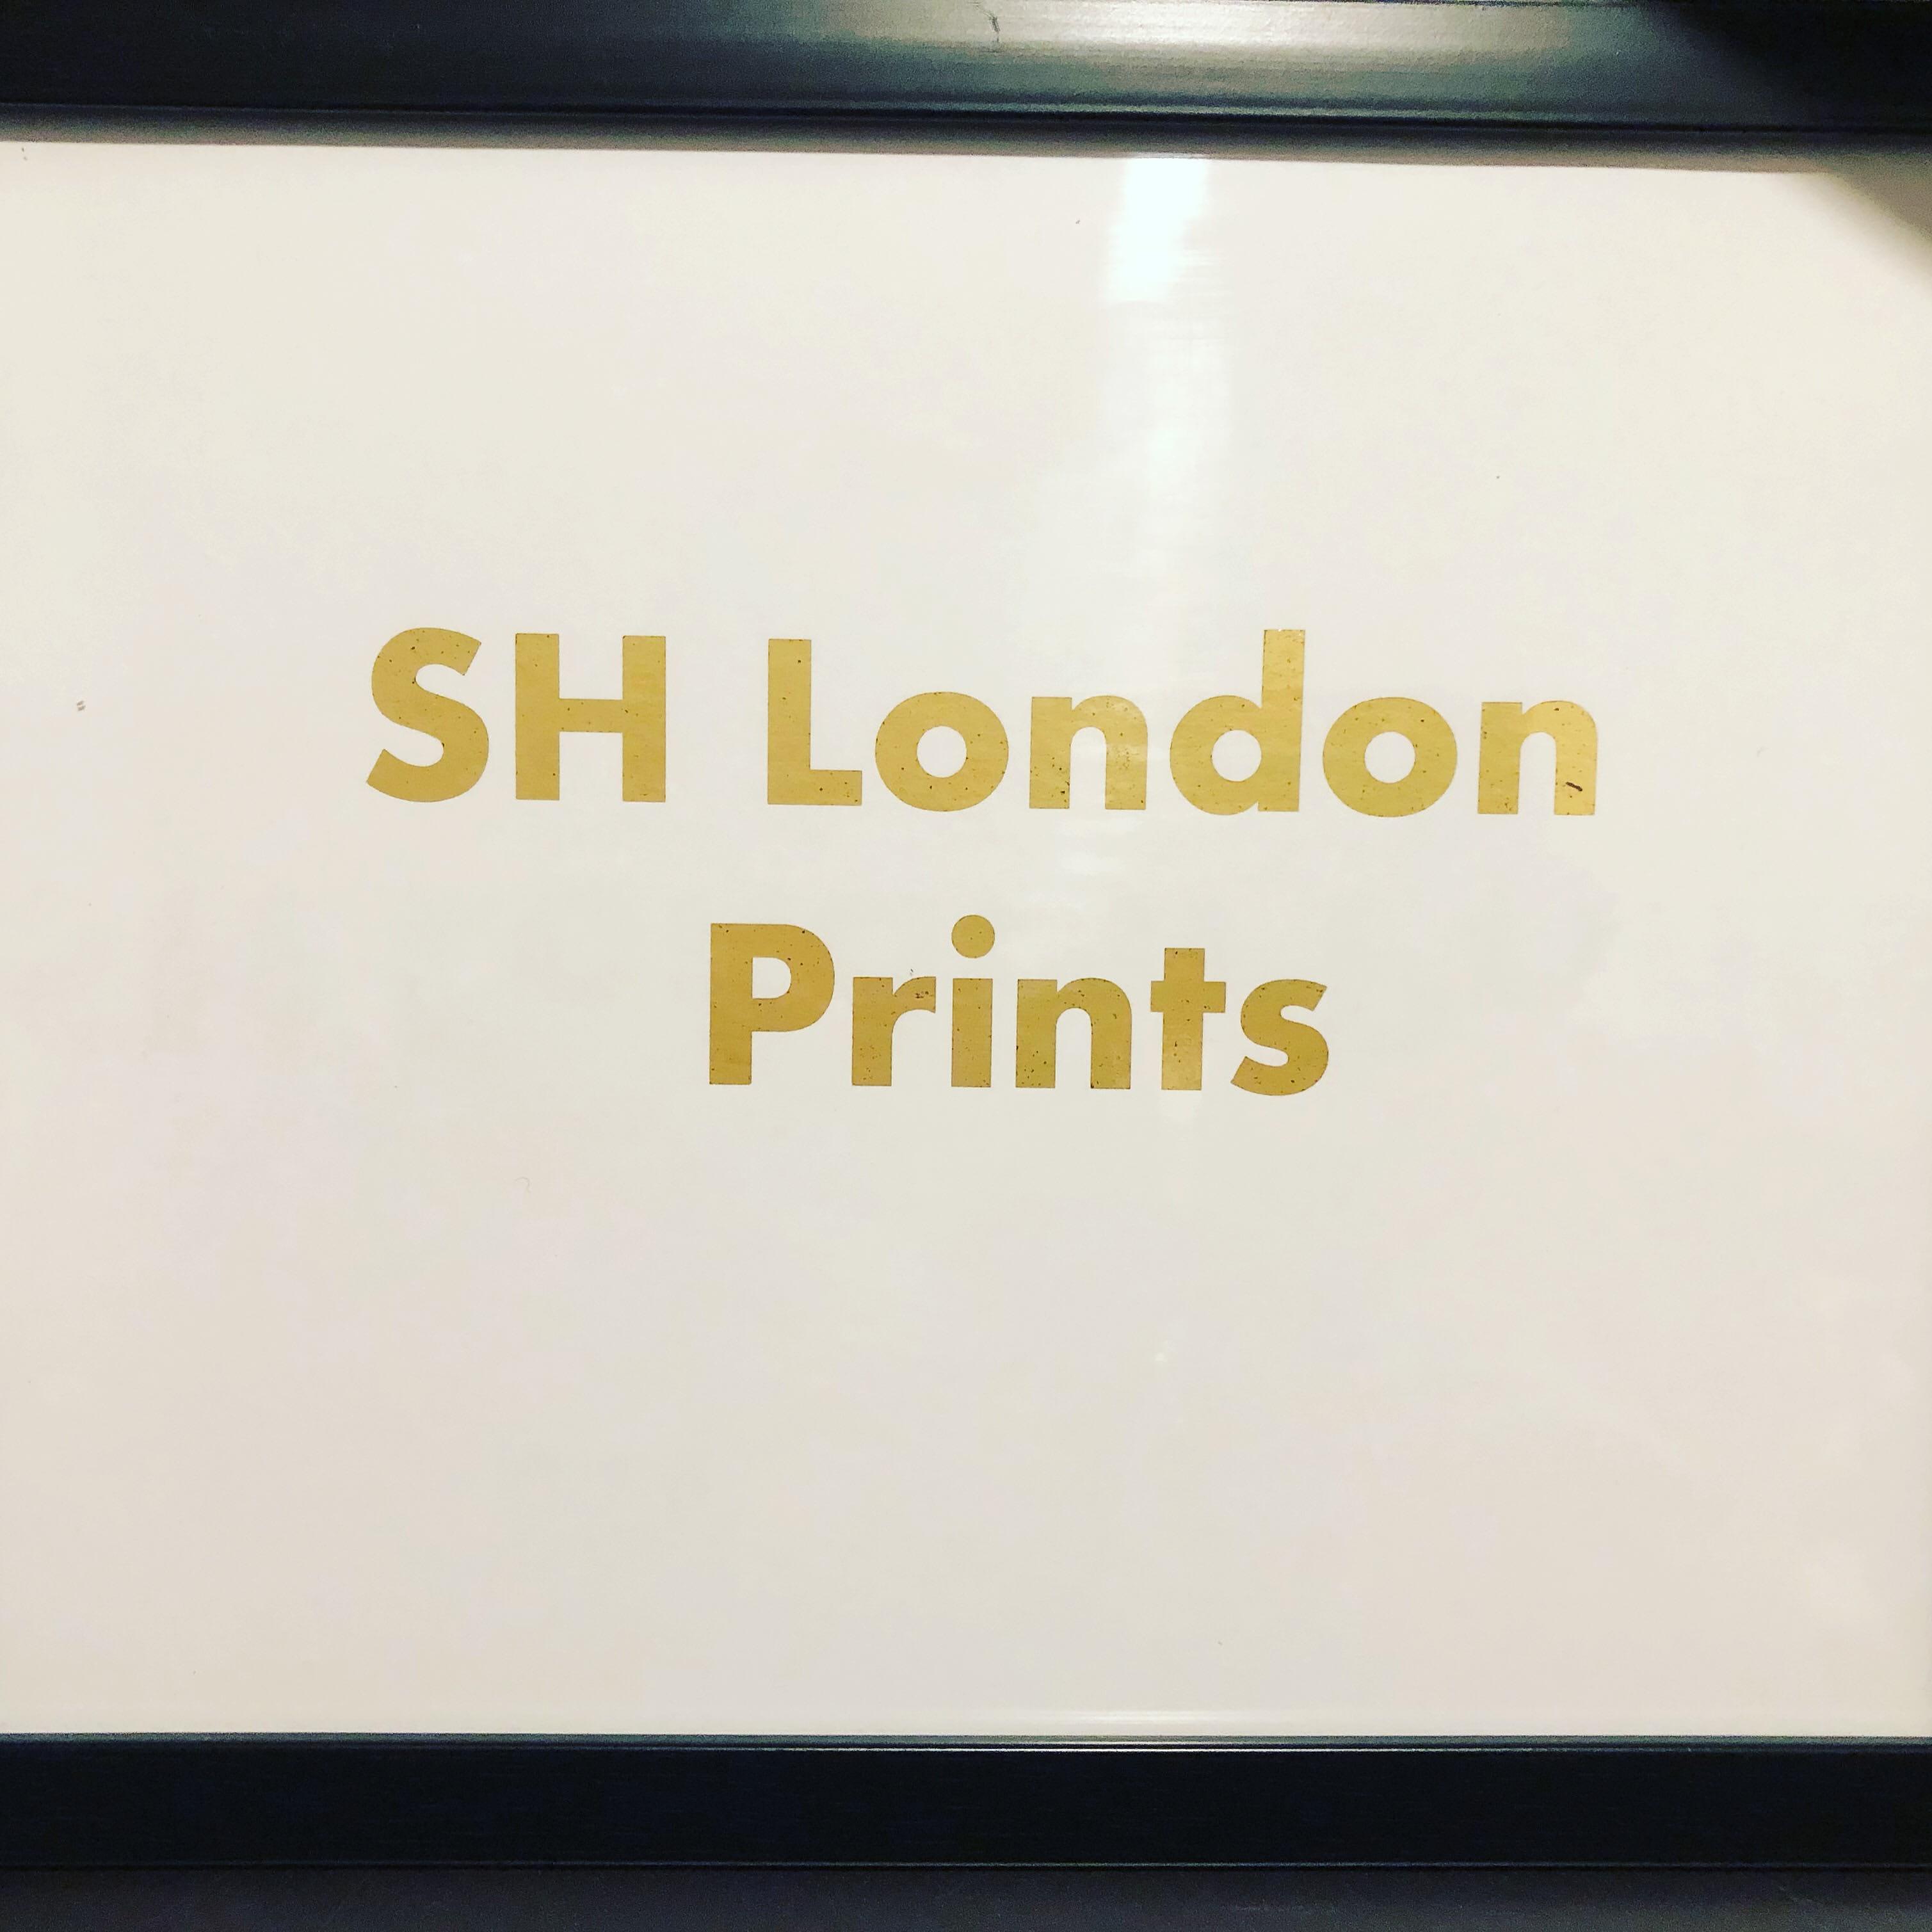 Sh London Prints